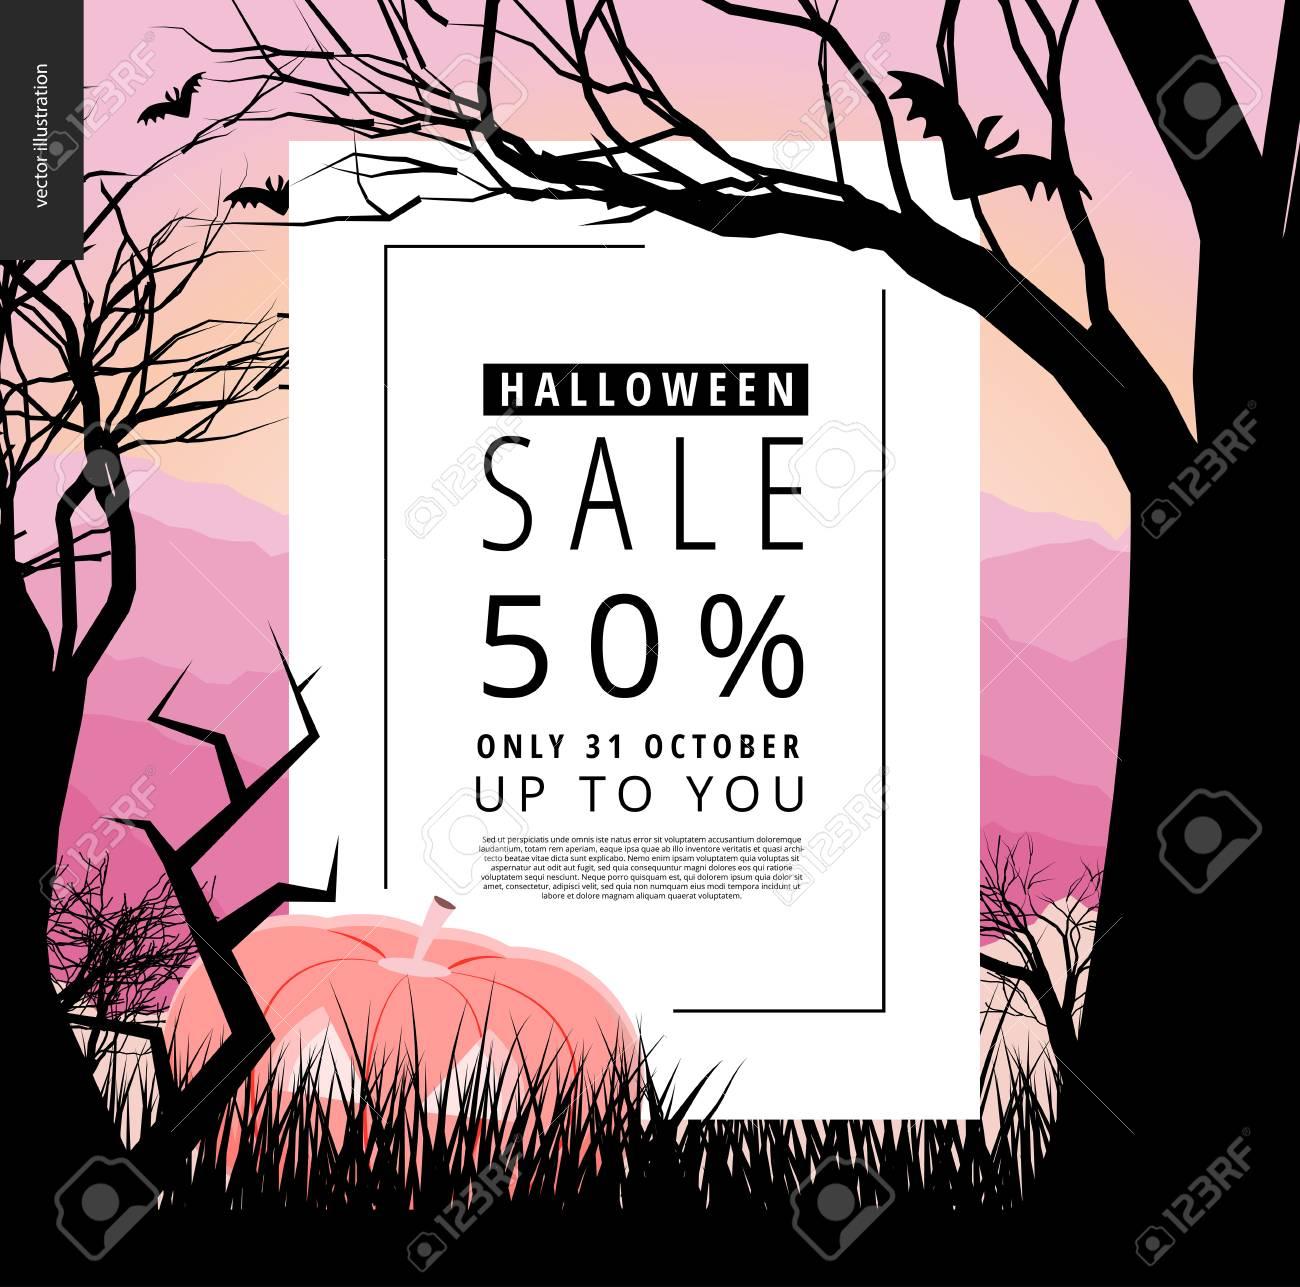 Halloween Sale Ankündigung Illustriert Plakat. Vector Cartoon ...